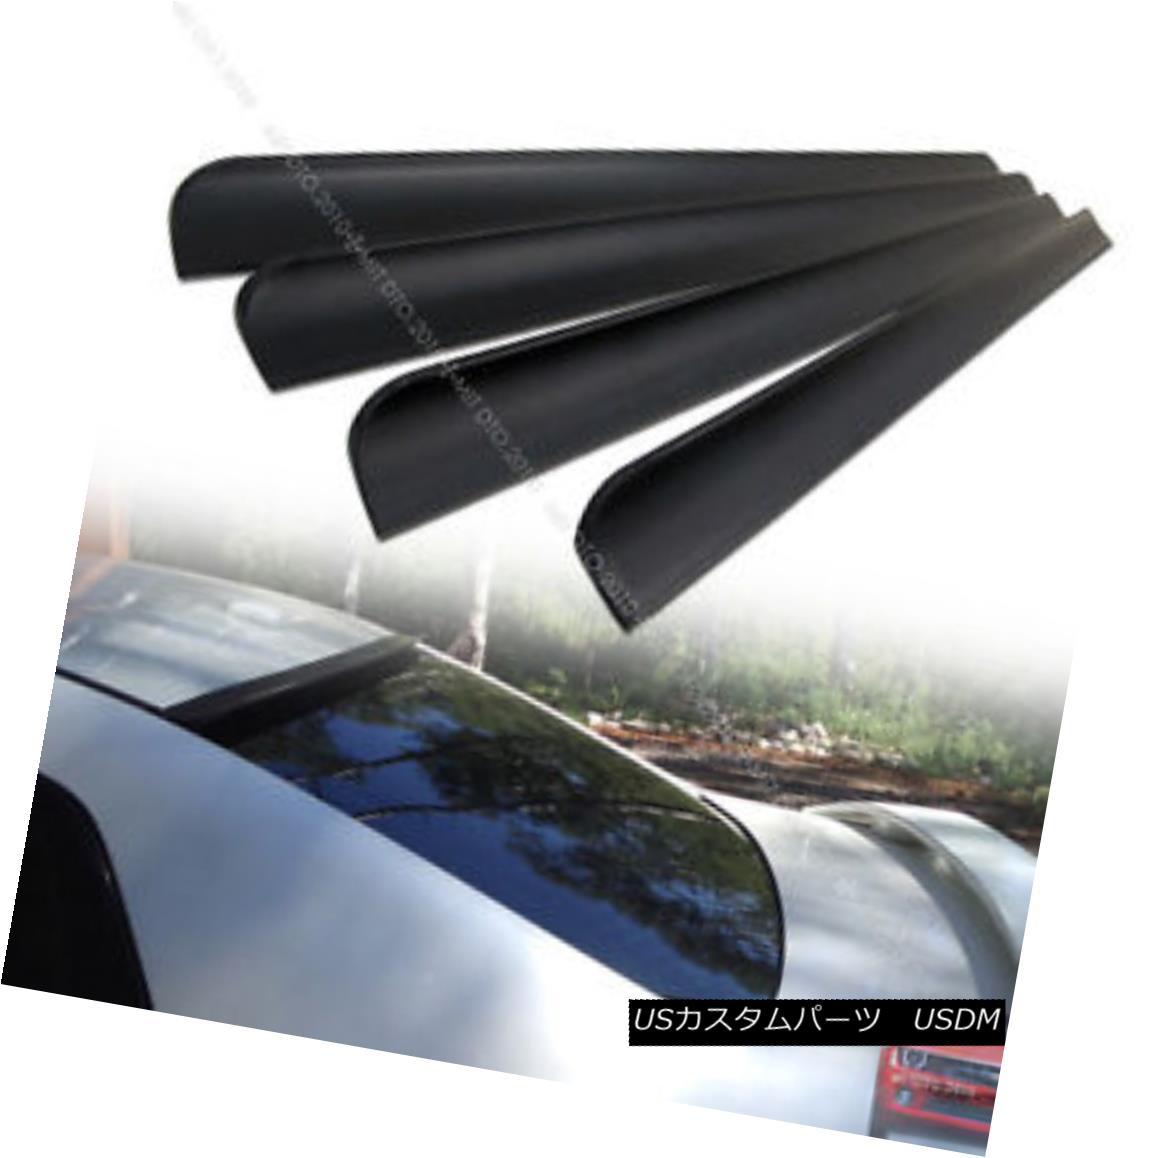 エアロパーツ UNPAINTED PUF FOR BMW 6-Series F13 2DR Coupe Rear Roof Lip Spoiler Wing 650i § BMW 6シリーズF13 2DRクーペリアドアリップスポイラーウイング650i UN用無地PUF